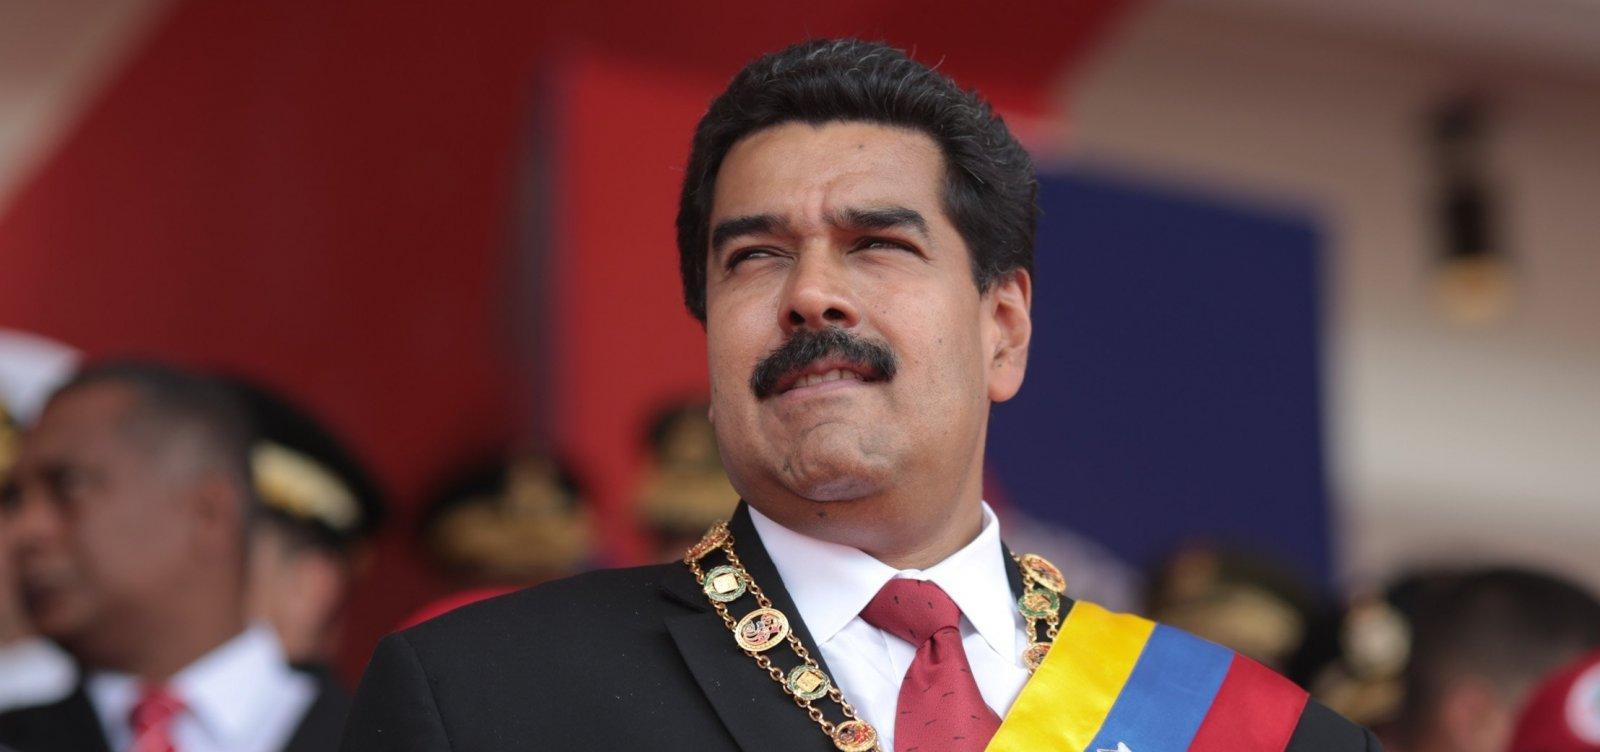 Nicolás Maduro parabeniza Bolsonaro por vitória presidencial